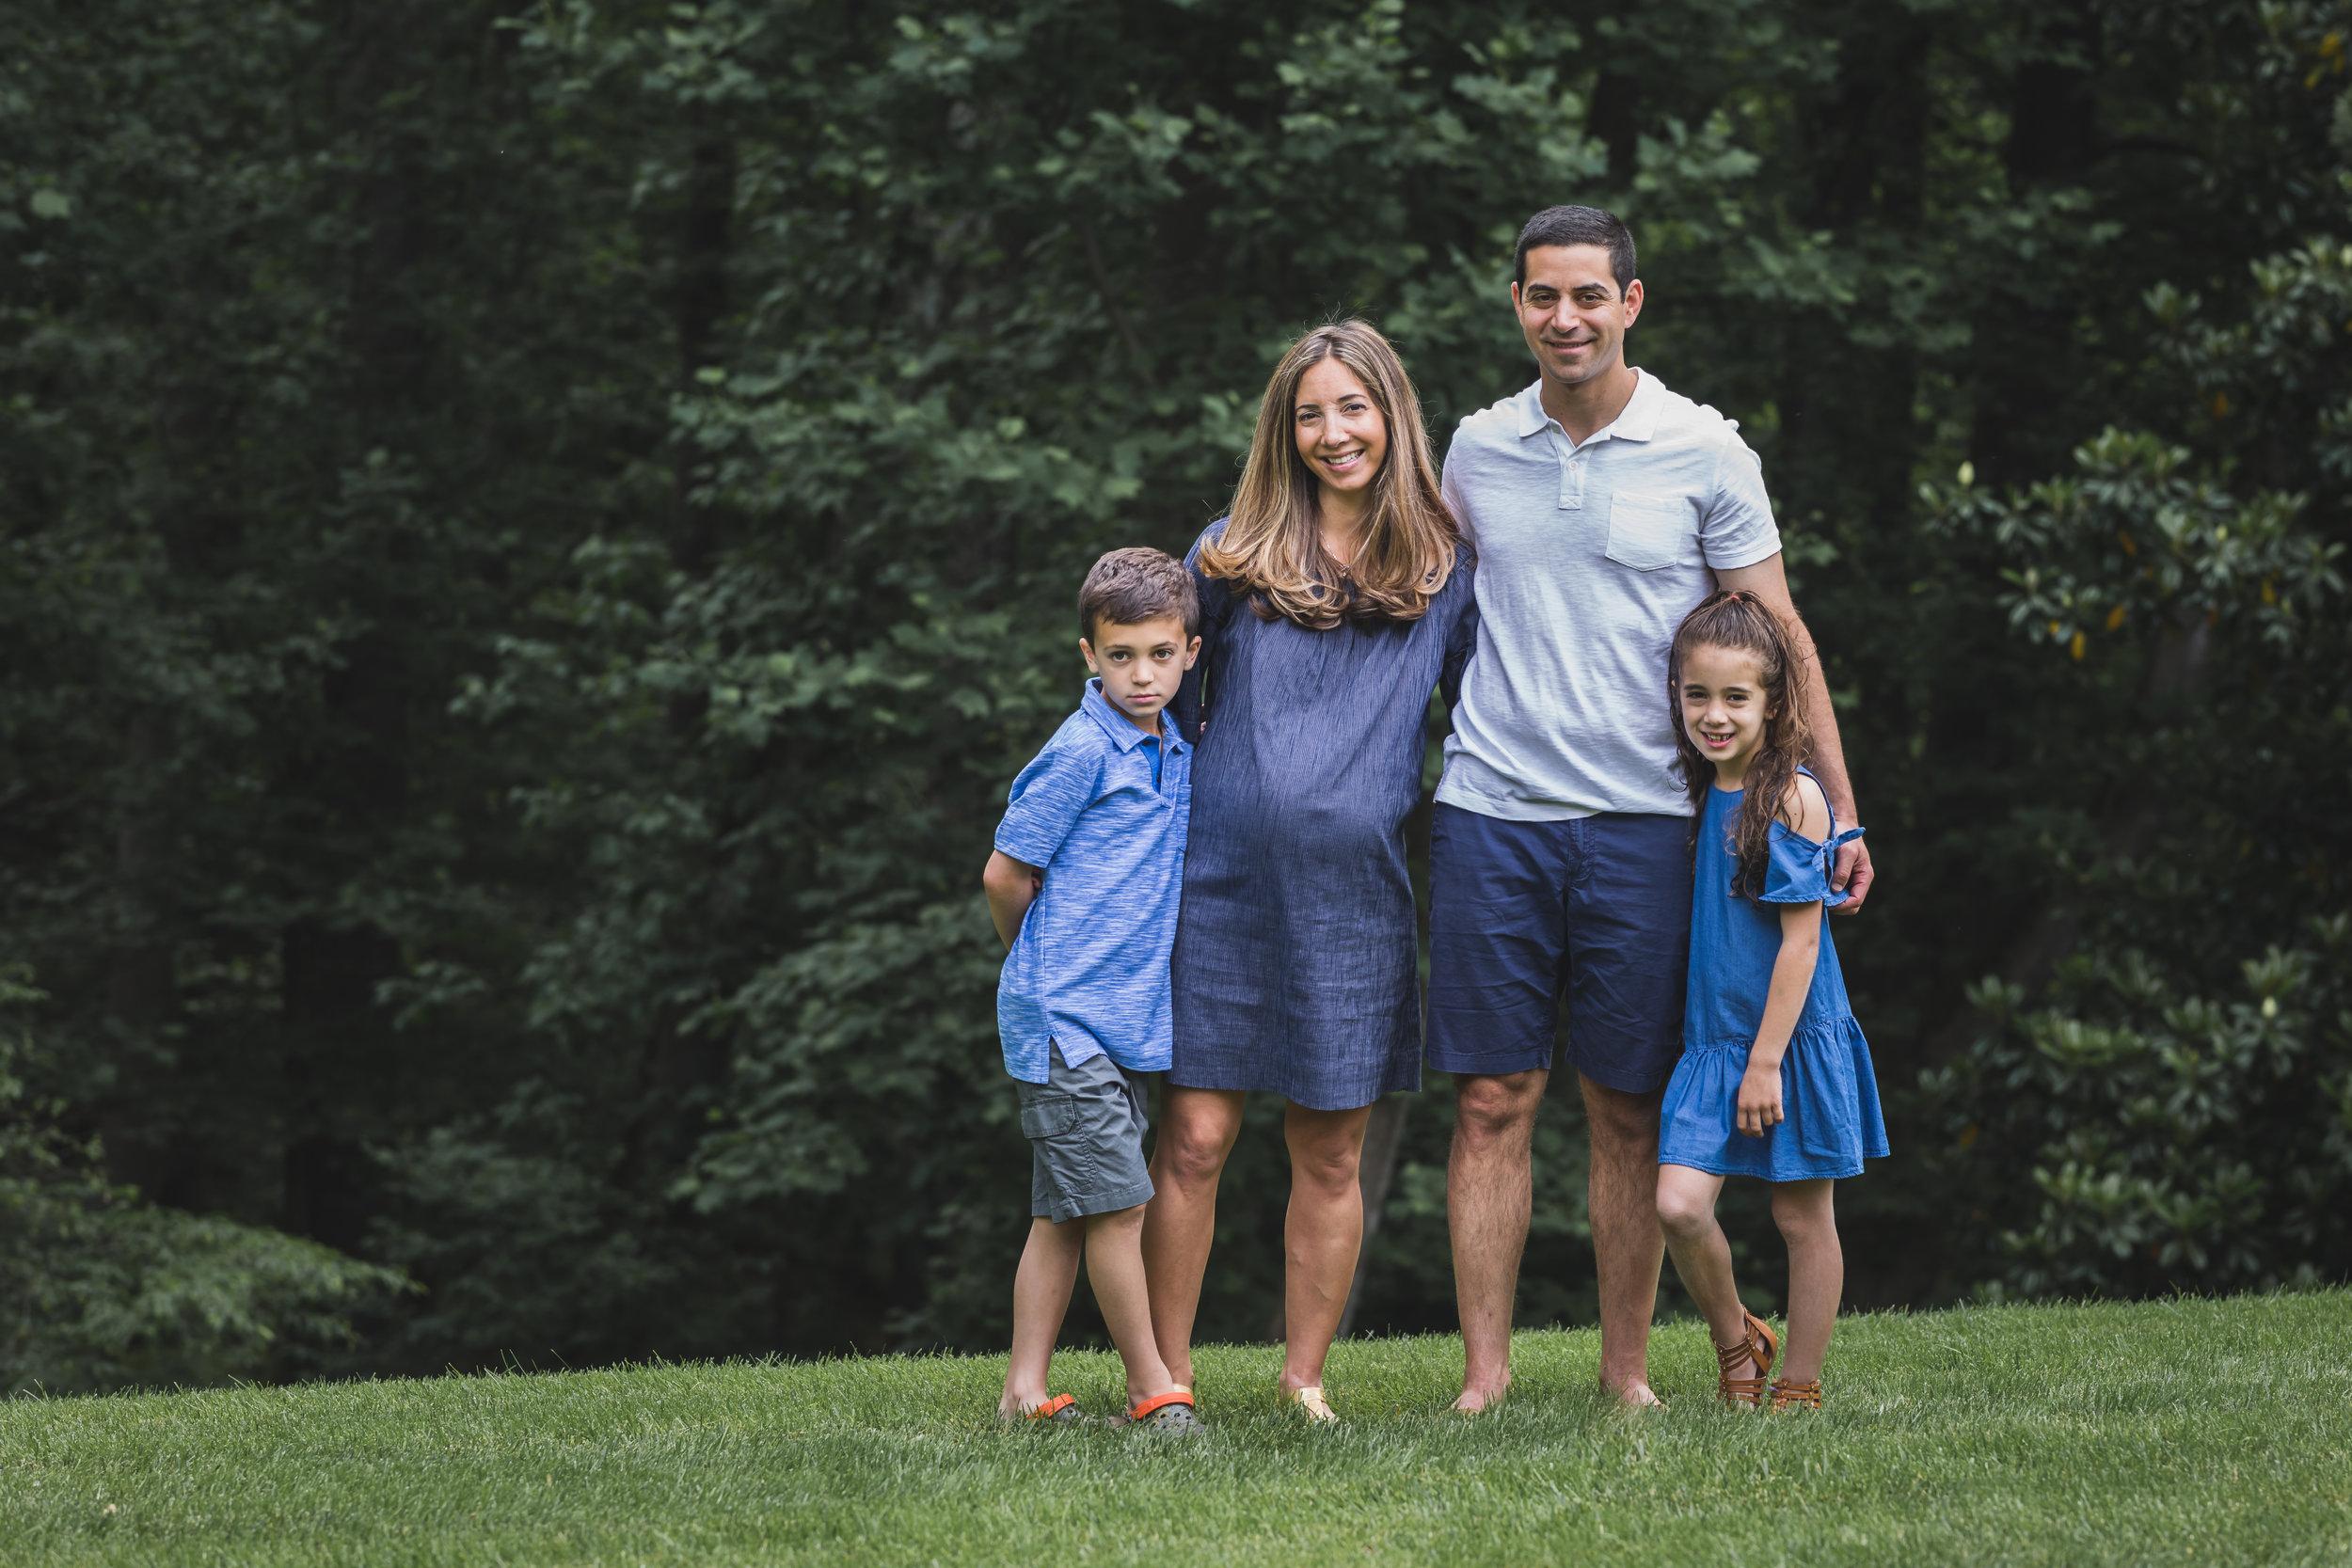 Lifestyle_Family_Photographer_Brandi_Markham_Rockville_Maryland_Washington_DC